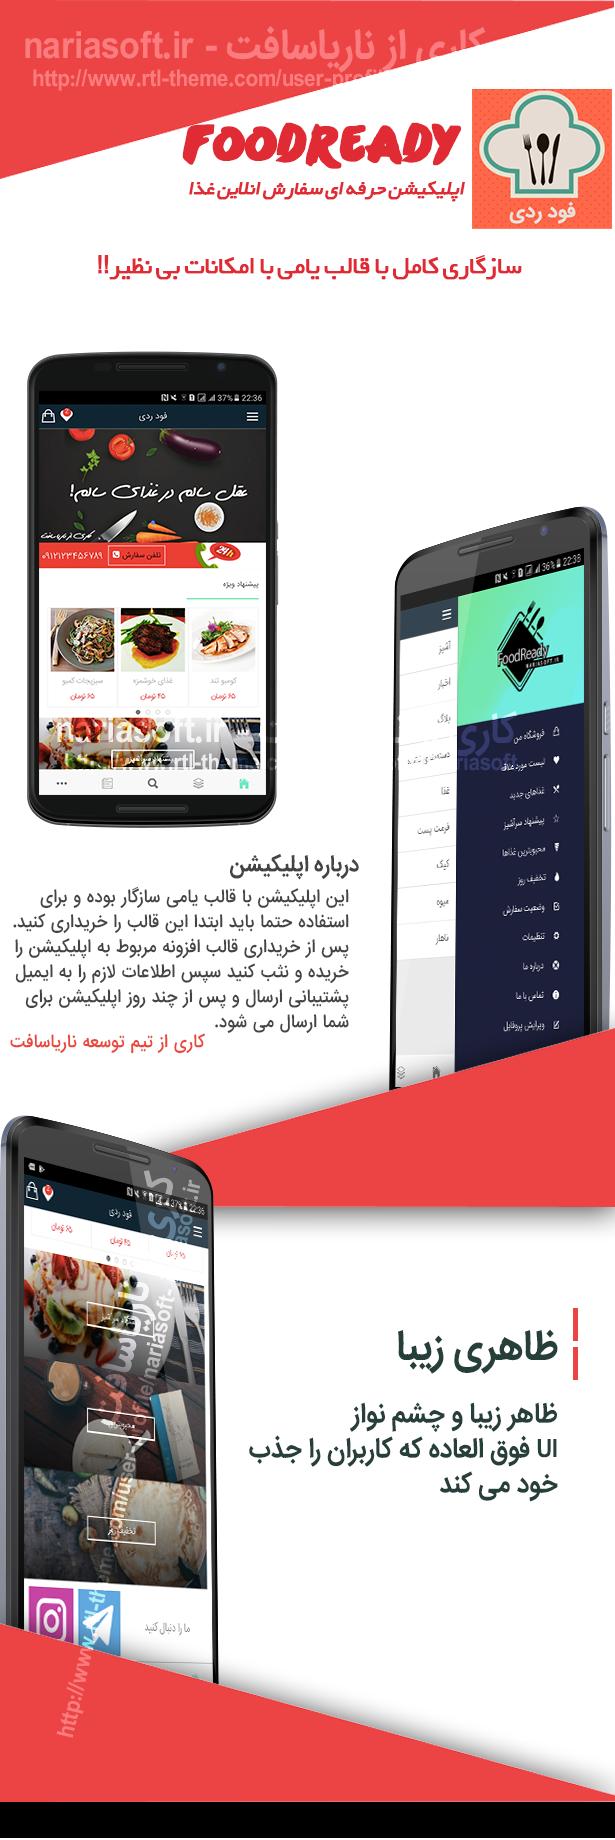 افزونه اپلیکیشن سفارش انلاین غذا – فود ردی